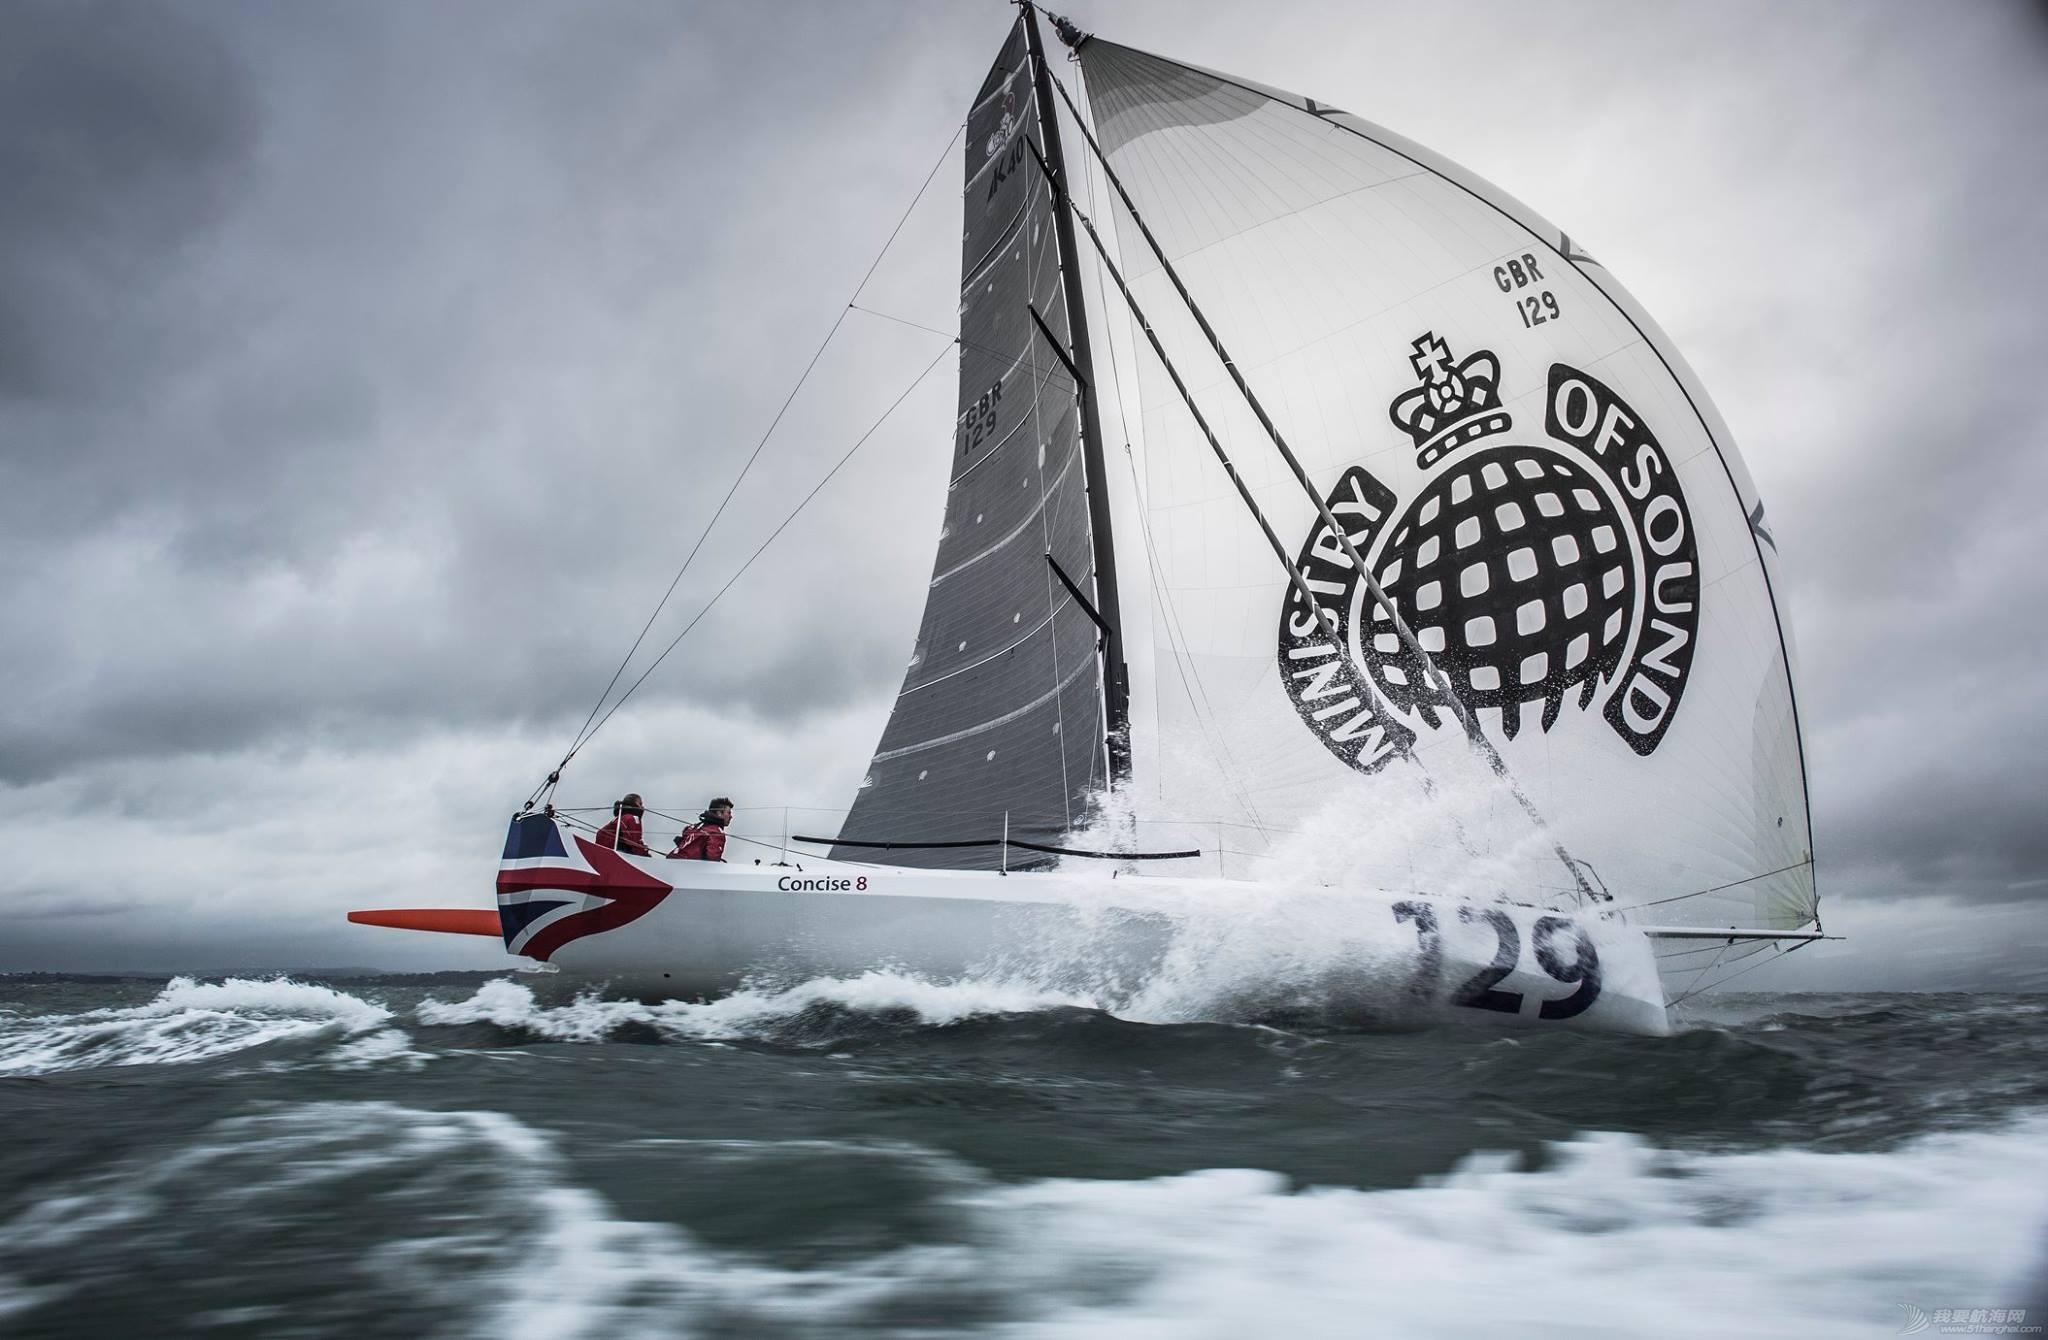 [图集]阵风40节的大西洋  40多艘帆船在劈波斩浪 27d95078052c5d1f3dff6ce02ed5a9c4.jpg